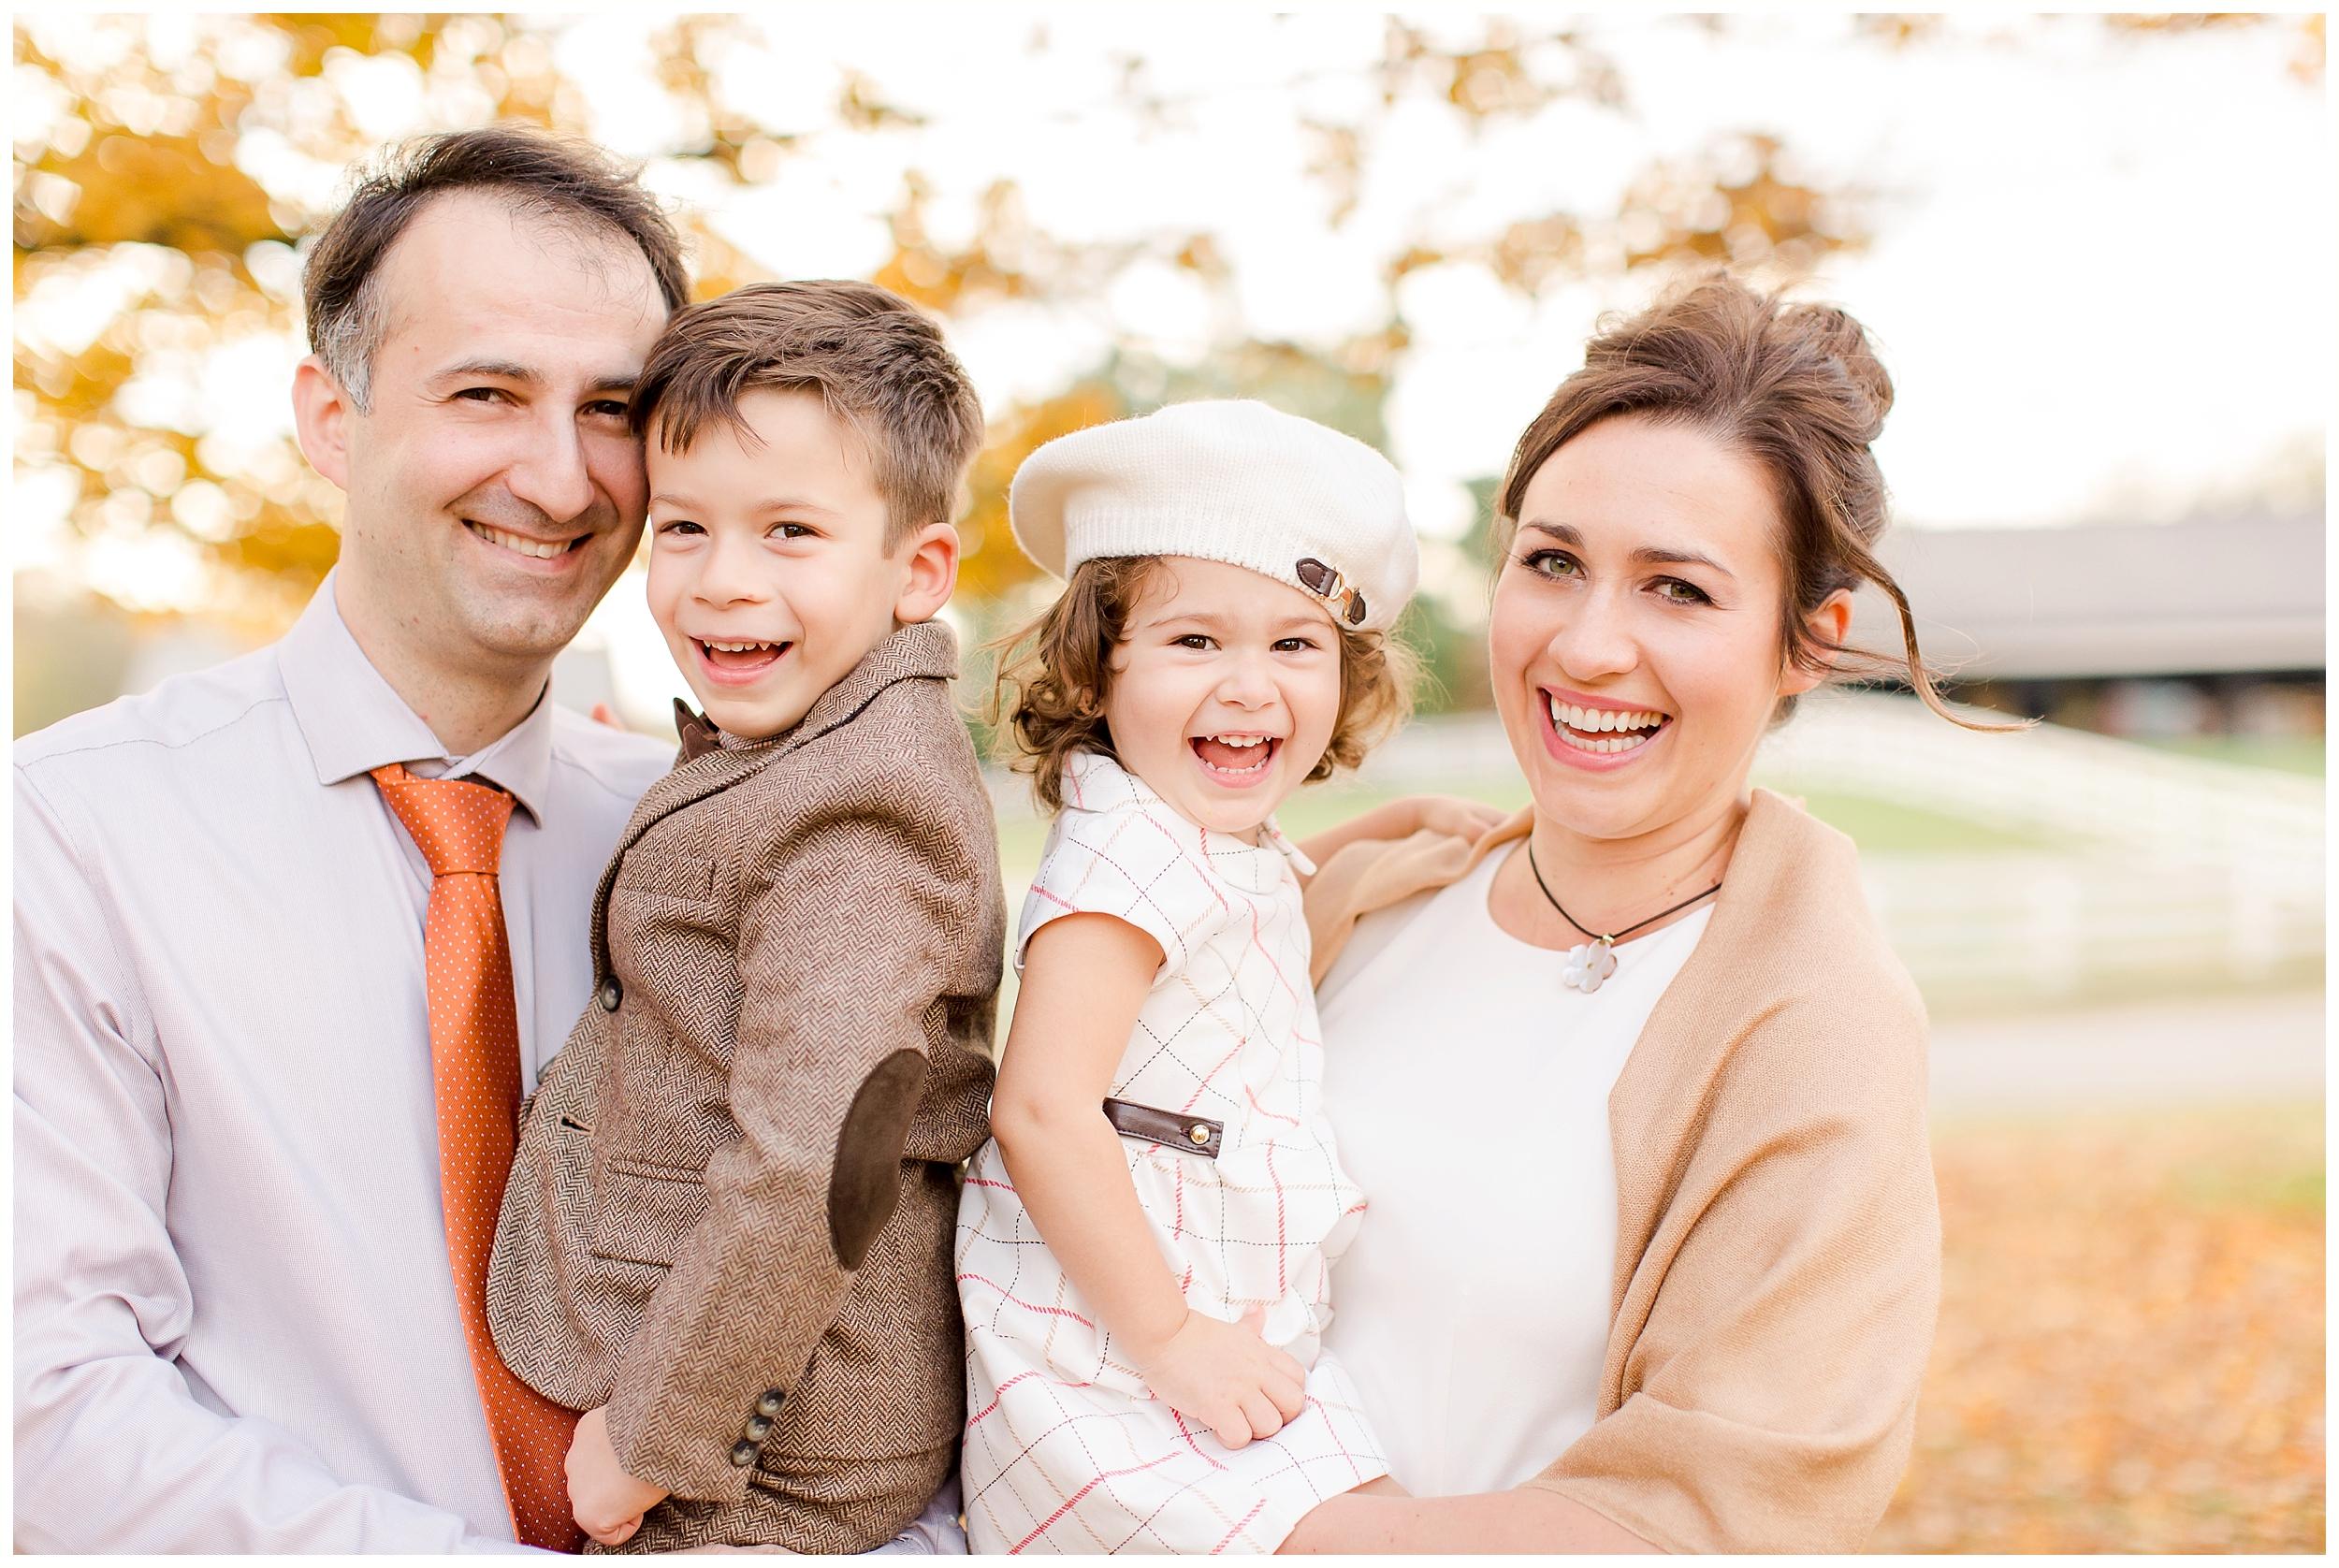 lexington-ky-family-lifestyle-photos-by-priscilla-baierlein_0403.jpg